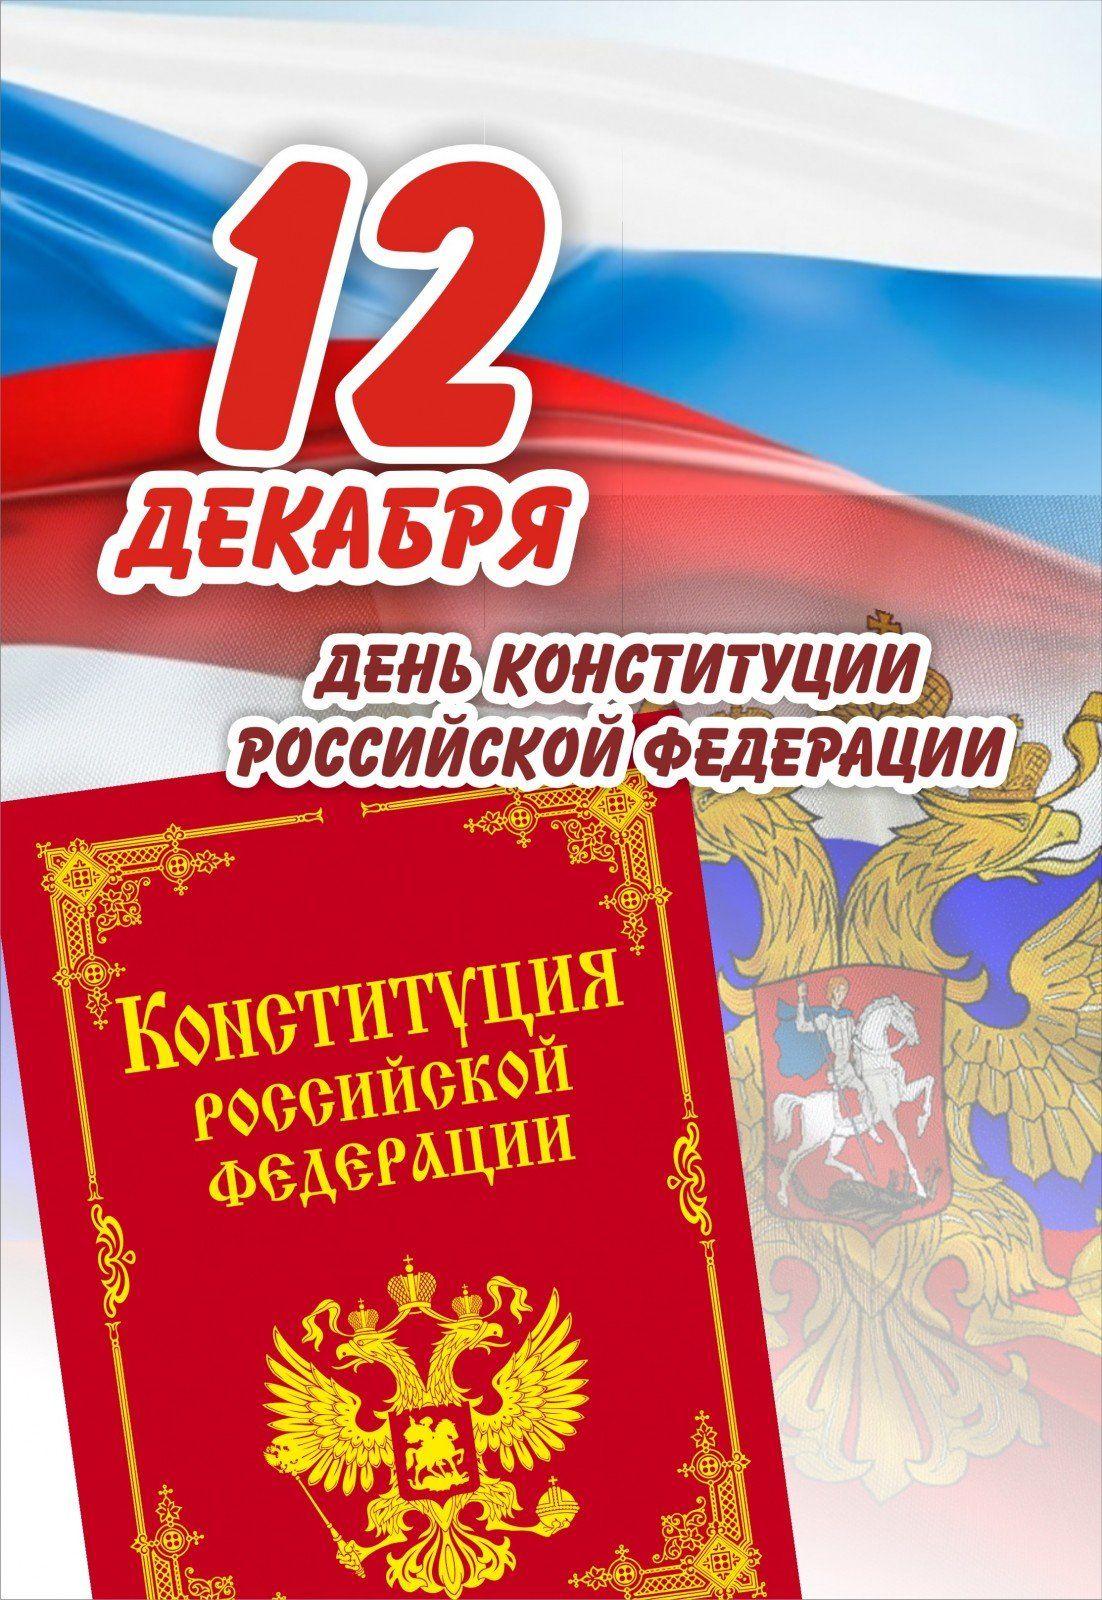 Поздравление к дню конституции